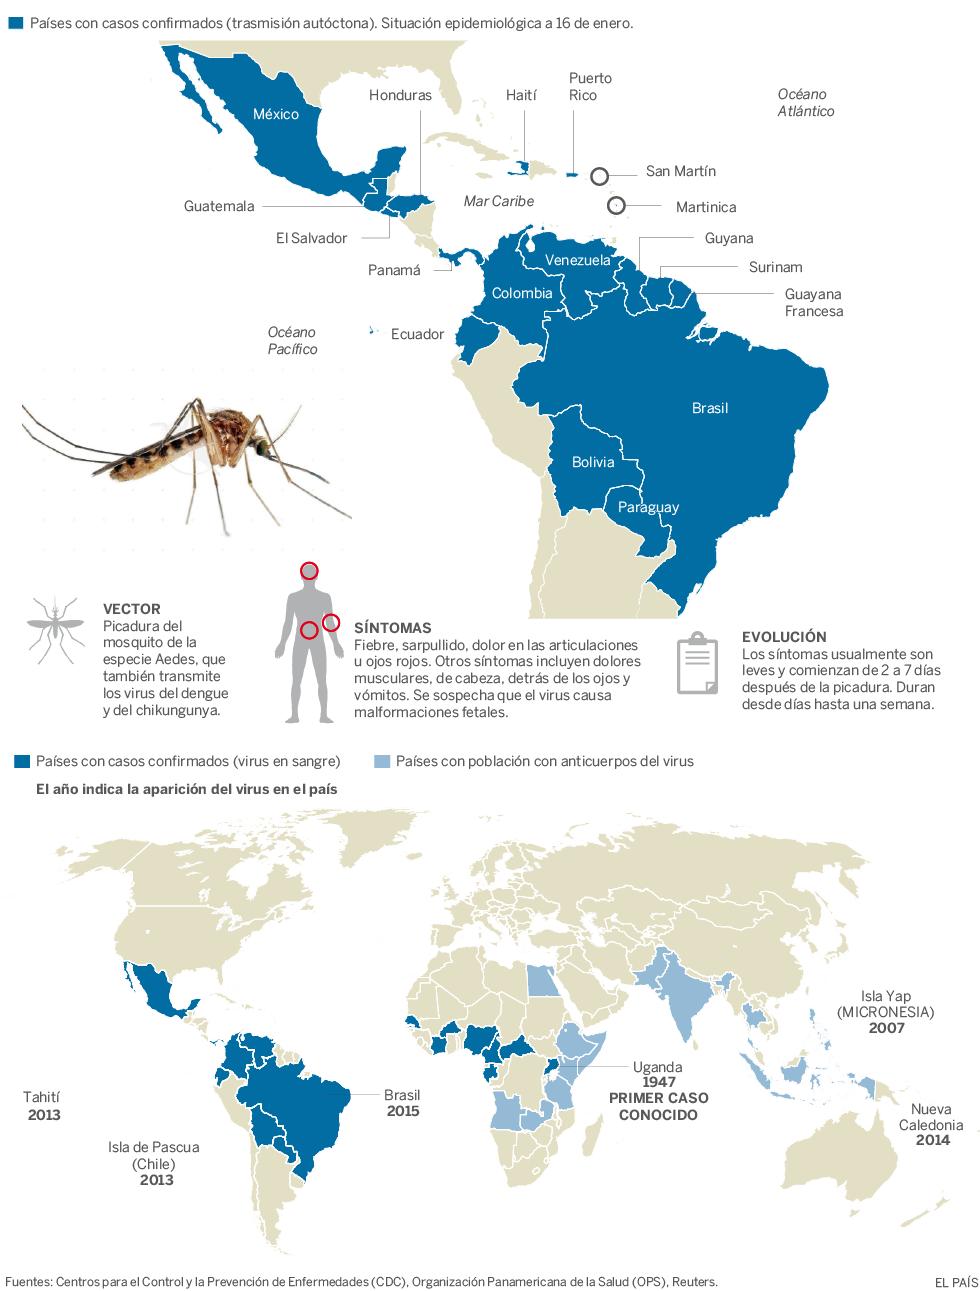 Virus Zika, patentes, plaguicidas, vacunas, microcefalias...  1453230712_478783_1453230745_noticia_normal